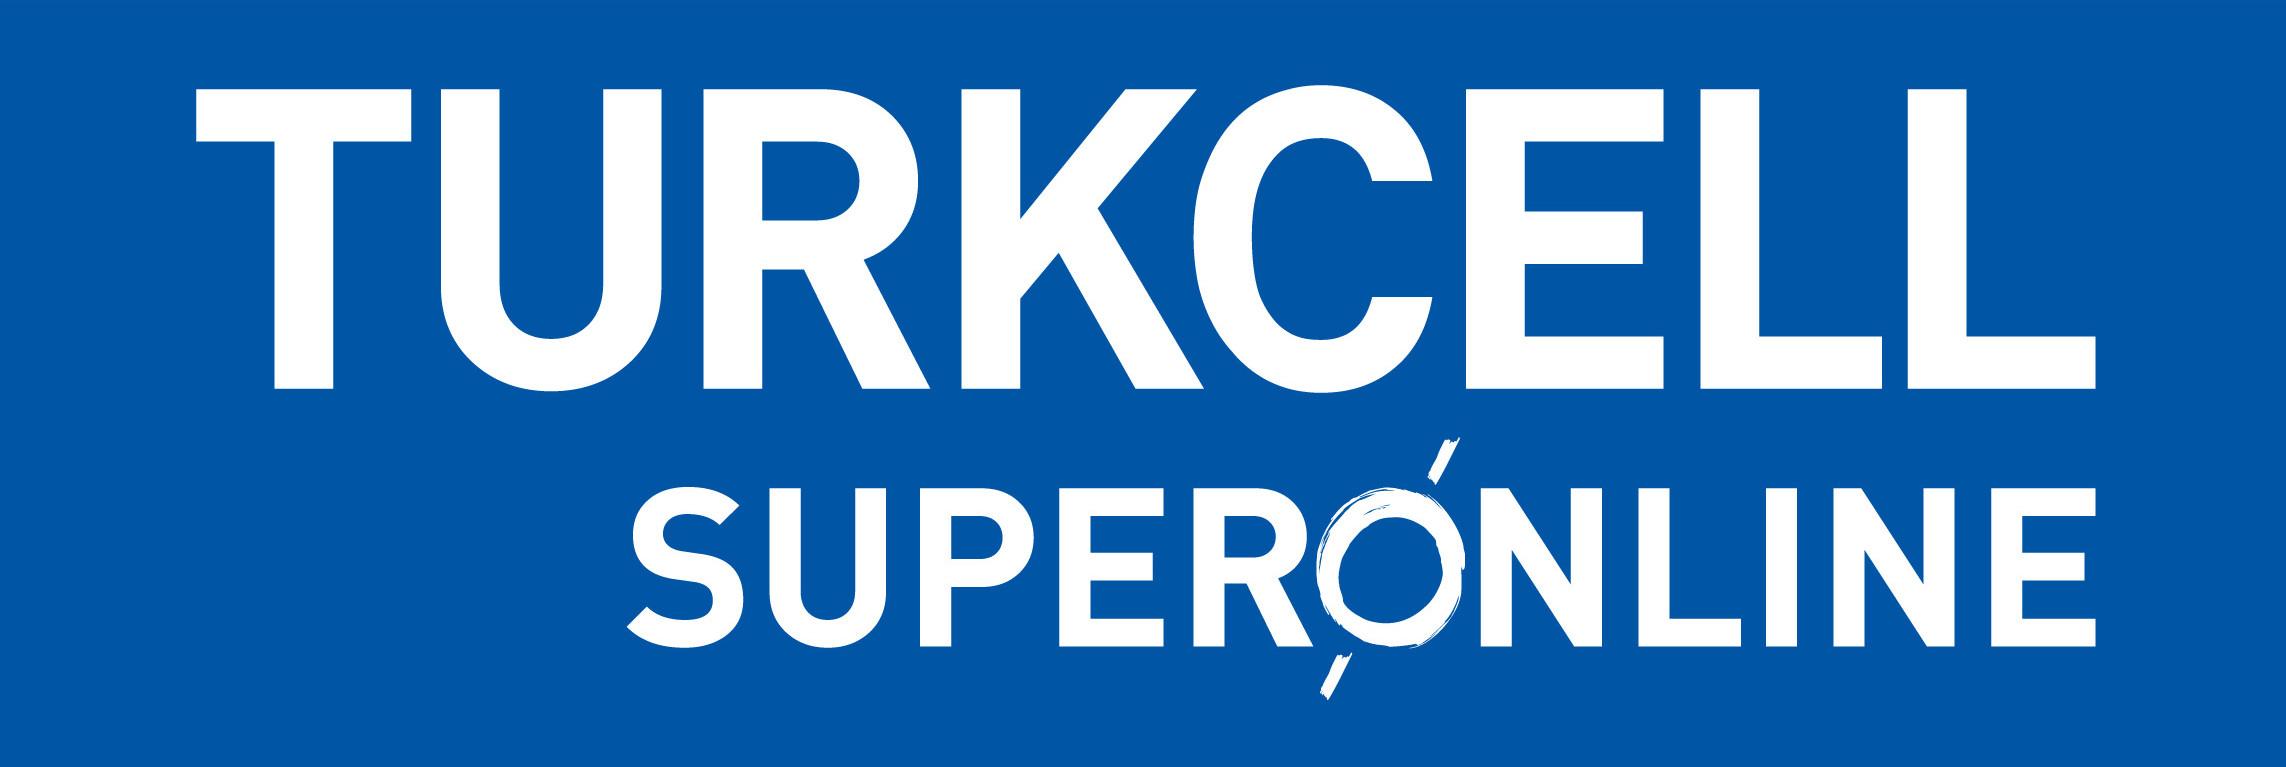 Turkcell_Superonline_Karacabey_Mustafakemalpaşa bayii